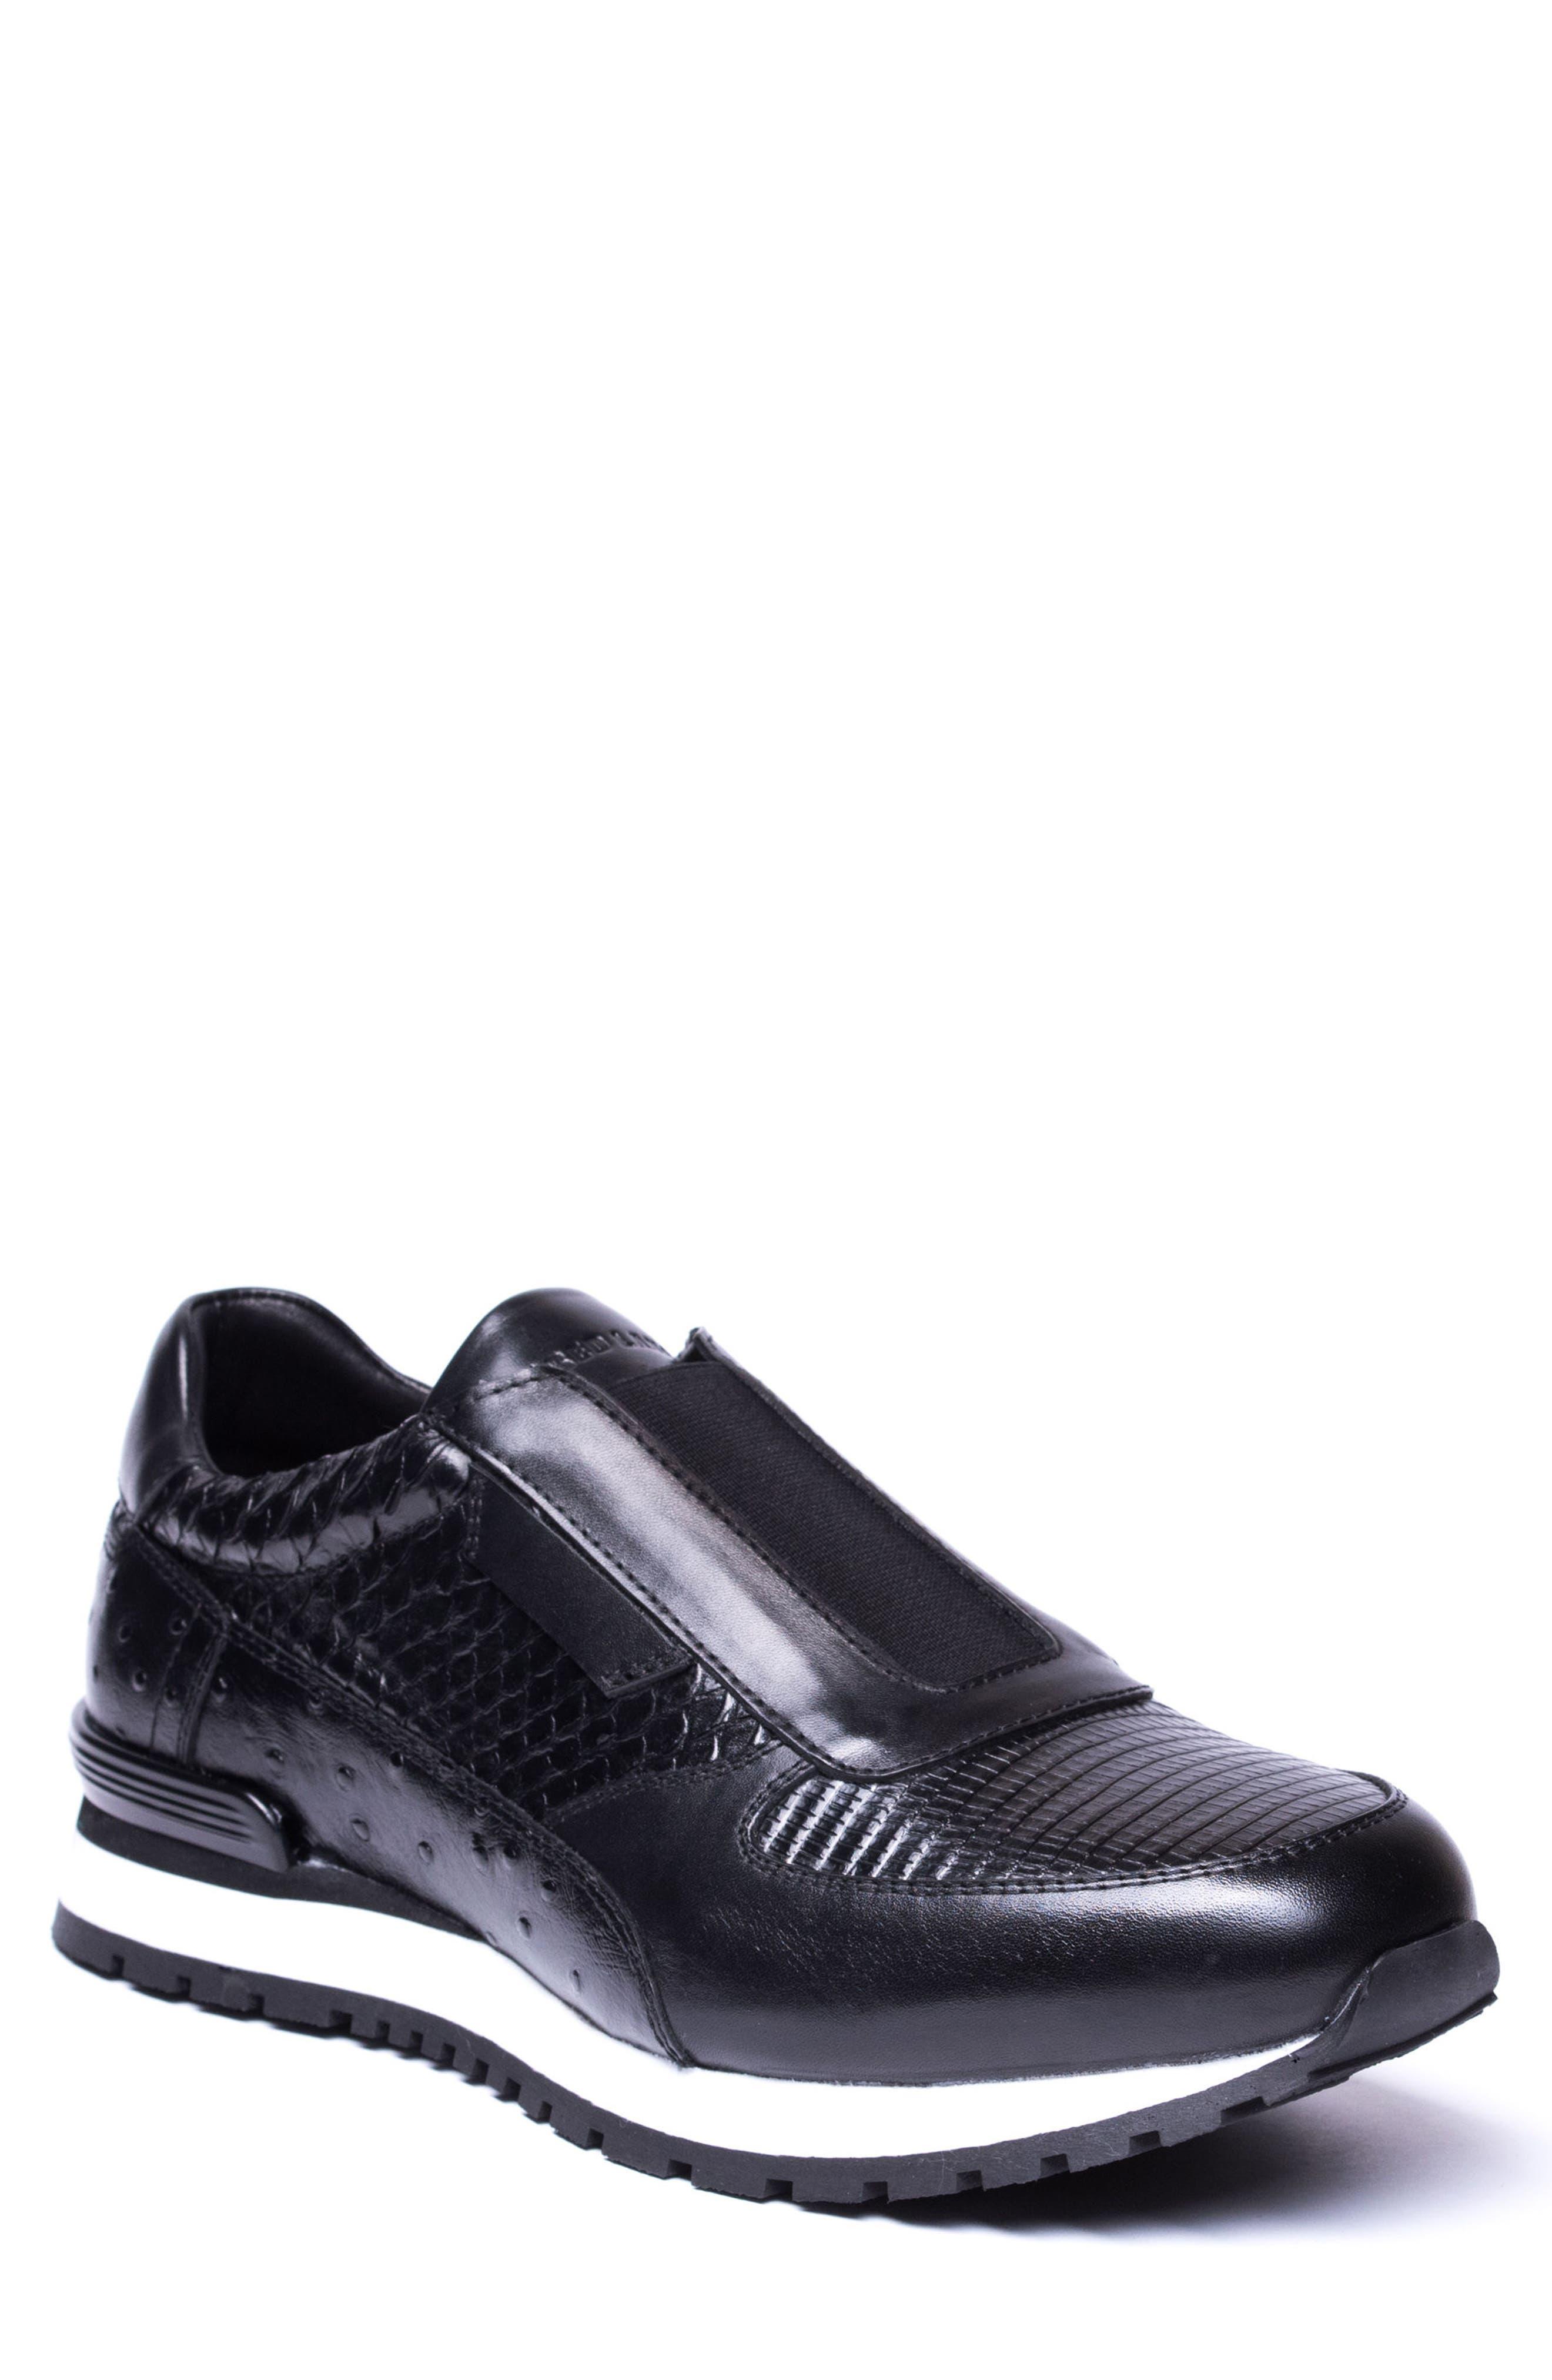 Barrett Embossed Slip-On Sneaker,                             Main thumbnail 1, color,                             Black Leather